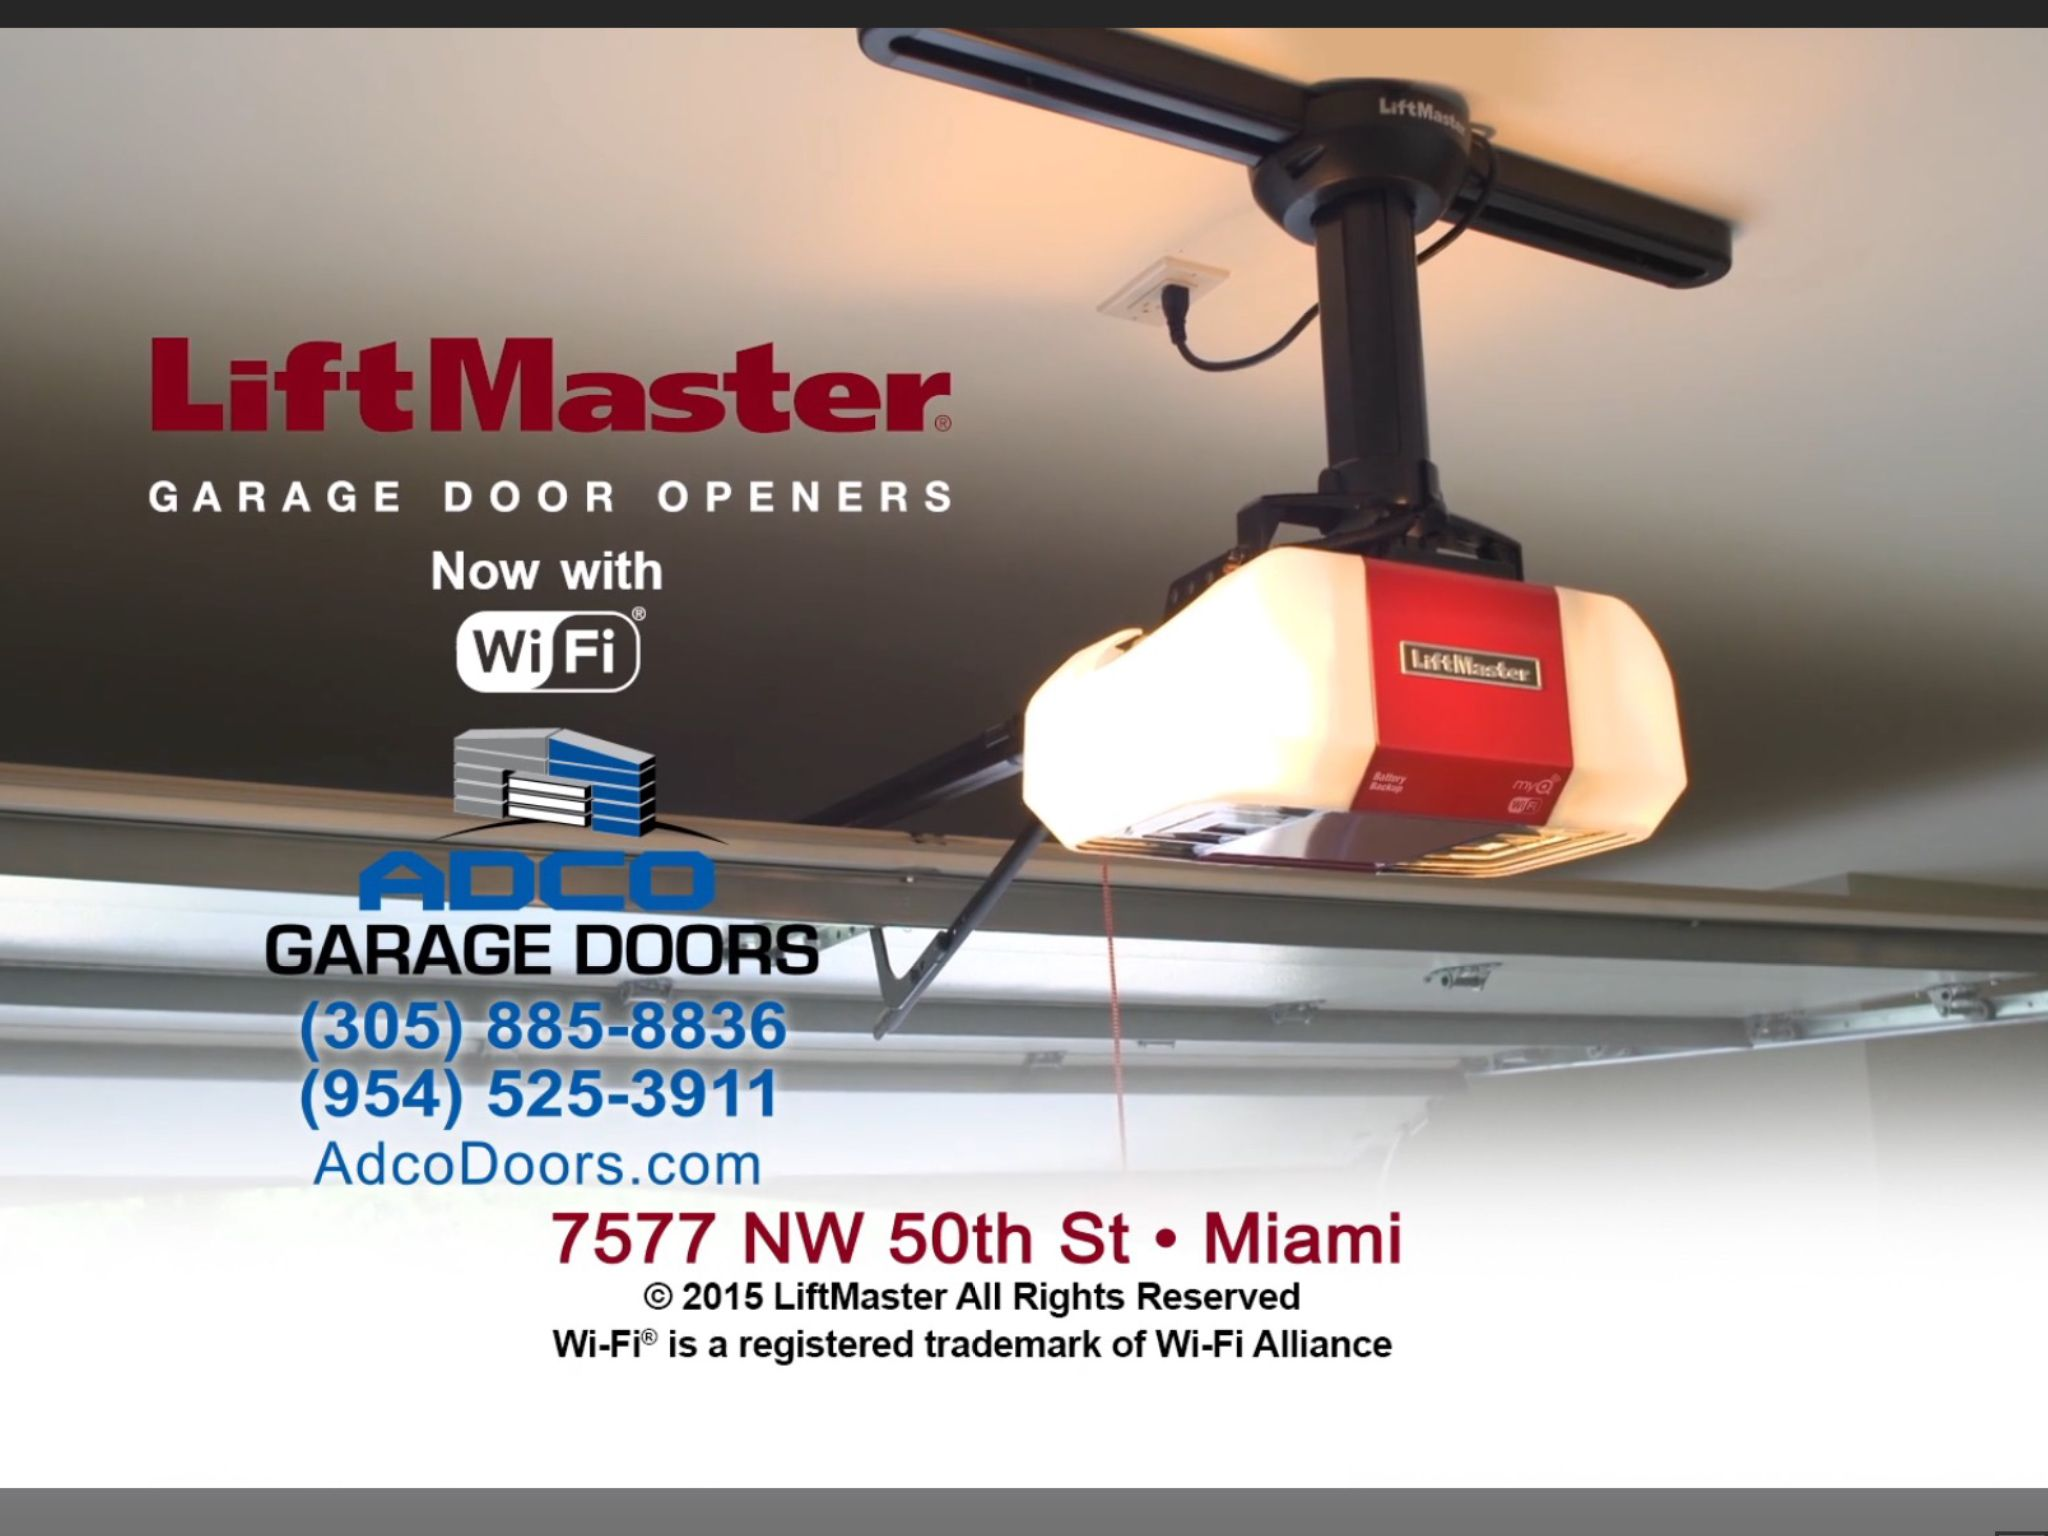 Liftmaster Garage Door Openers Now With Wifi Liftmaster Garage Door Garage Door Opener Liftmaster